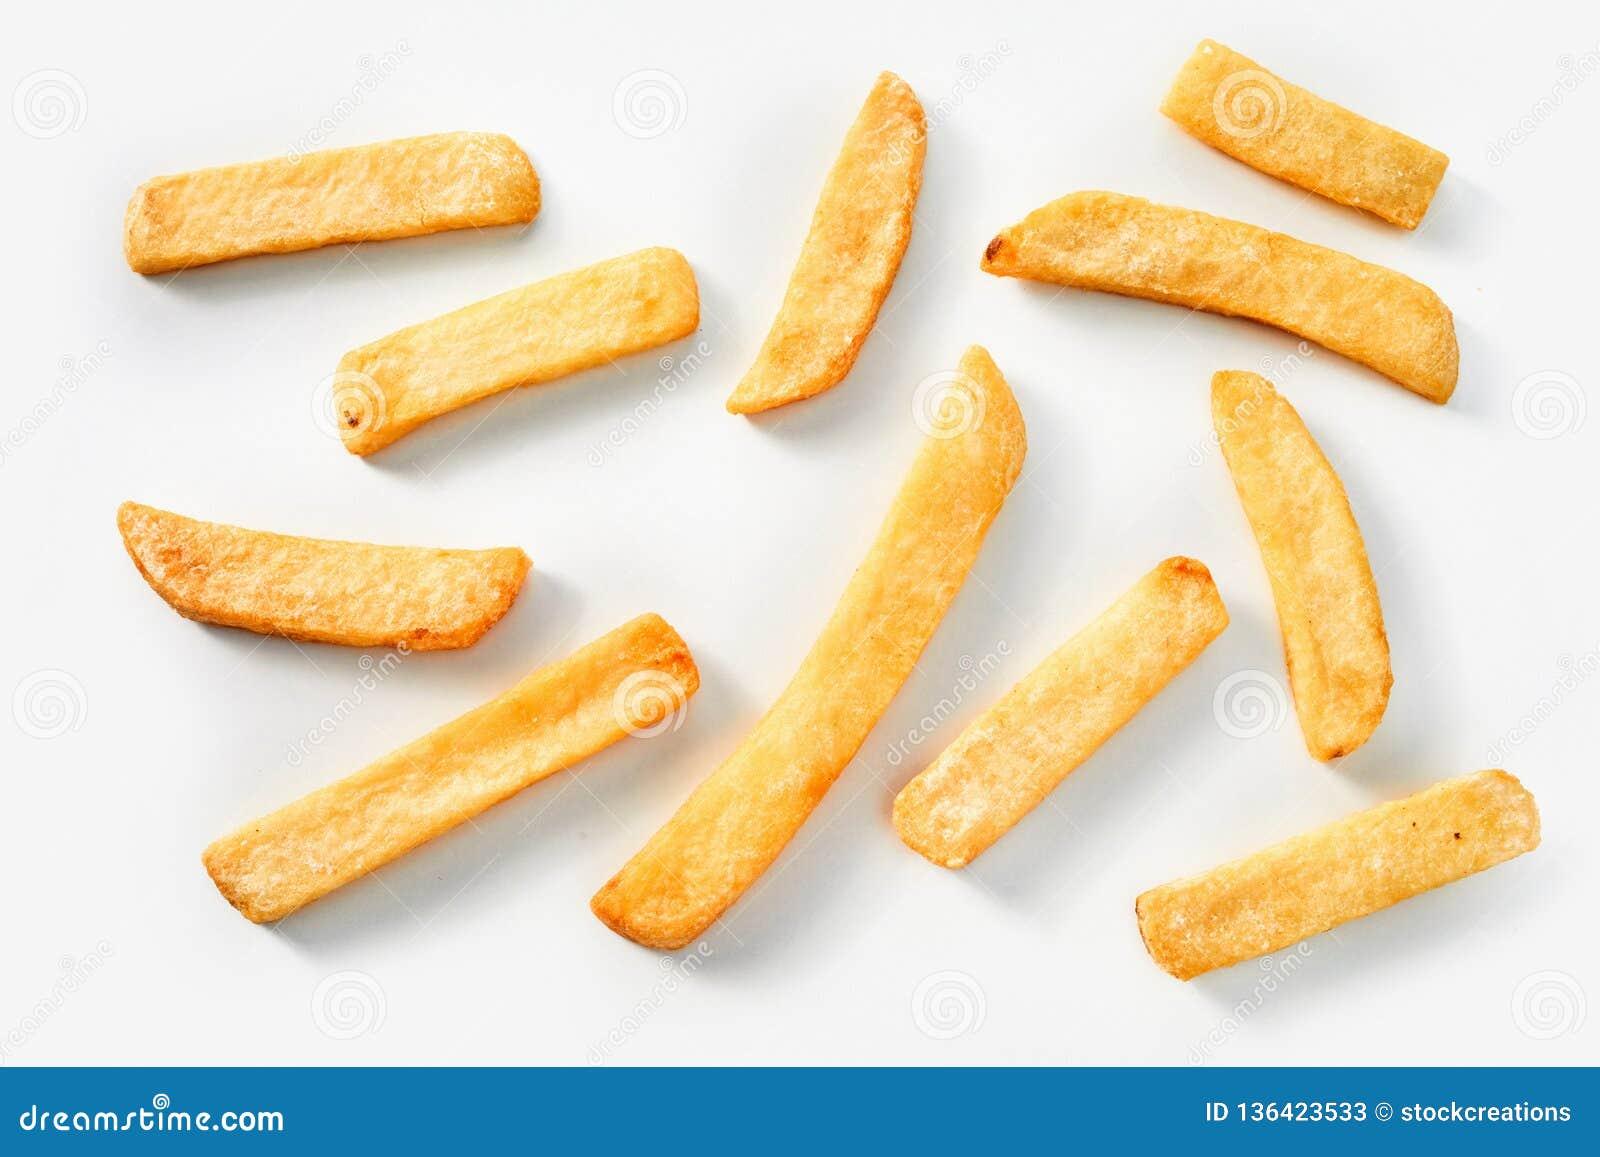 Patate fritte casalinghe su un fondo bianco